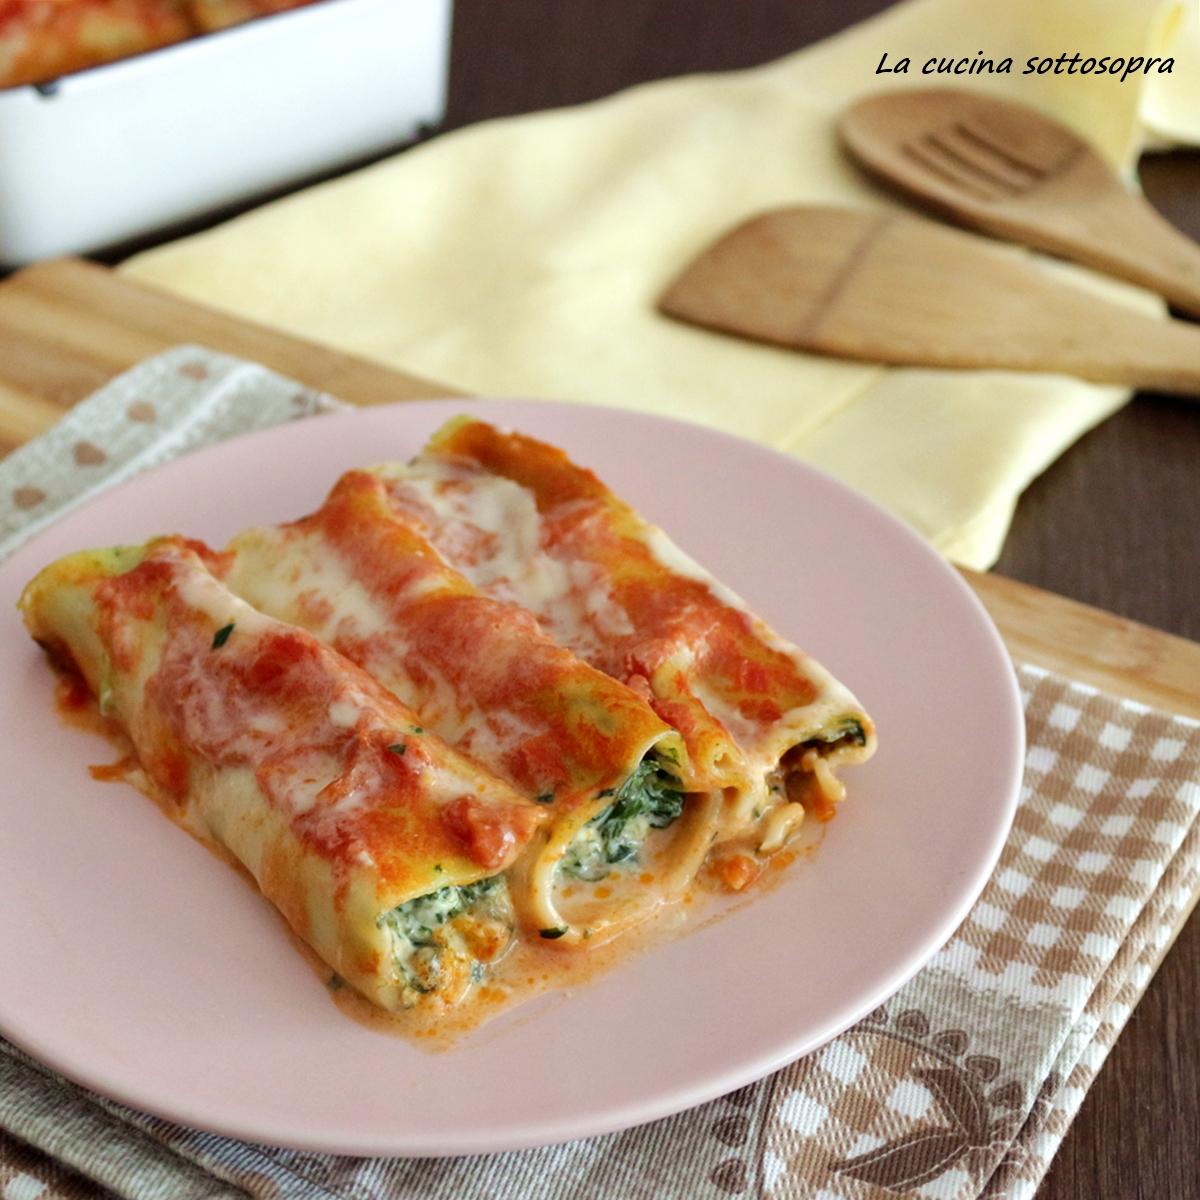 cannelloni ricotta e spinaci ricetta